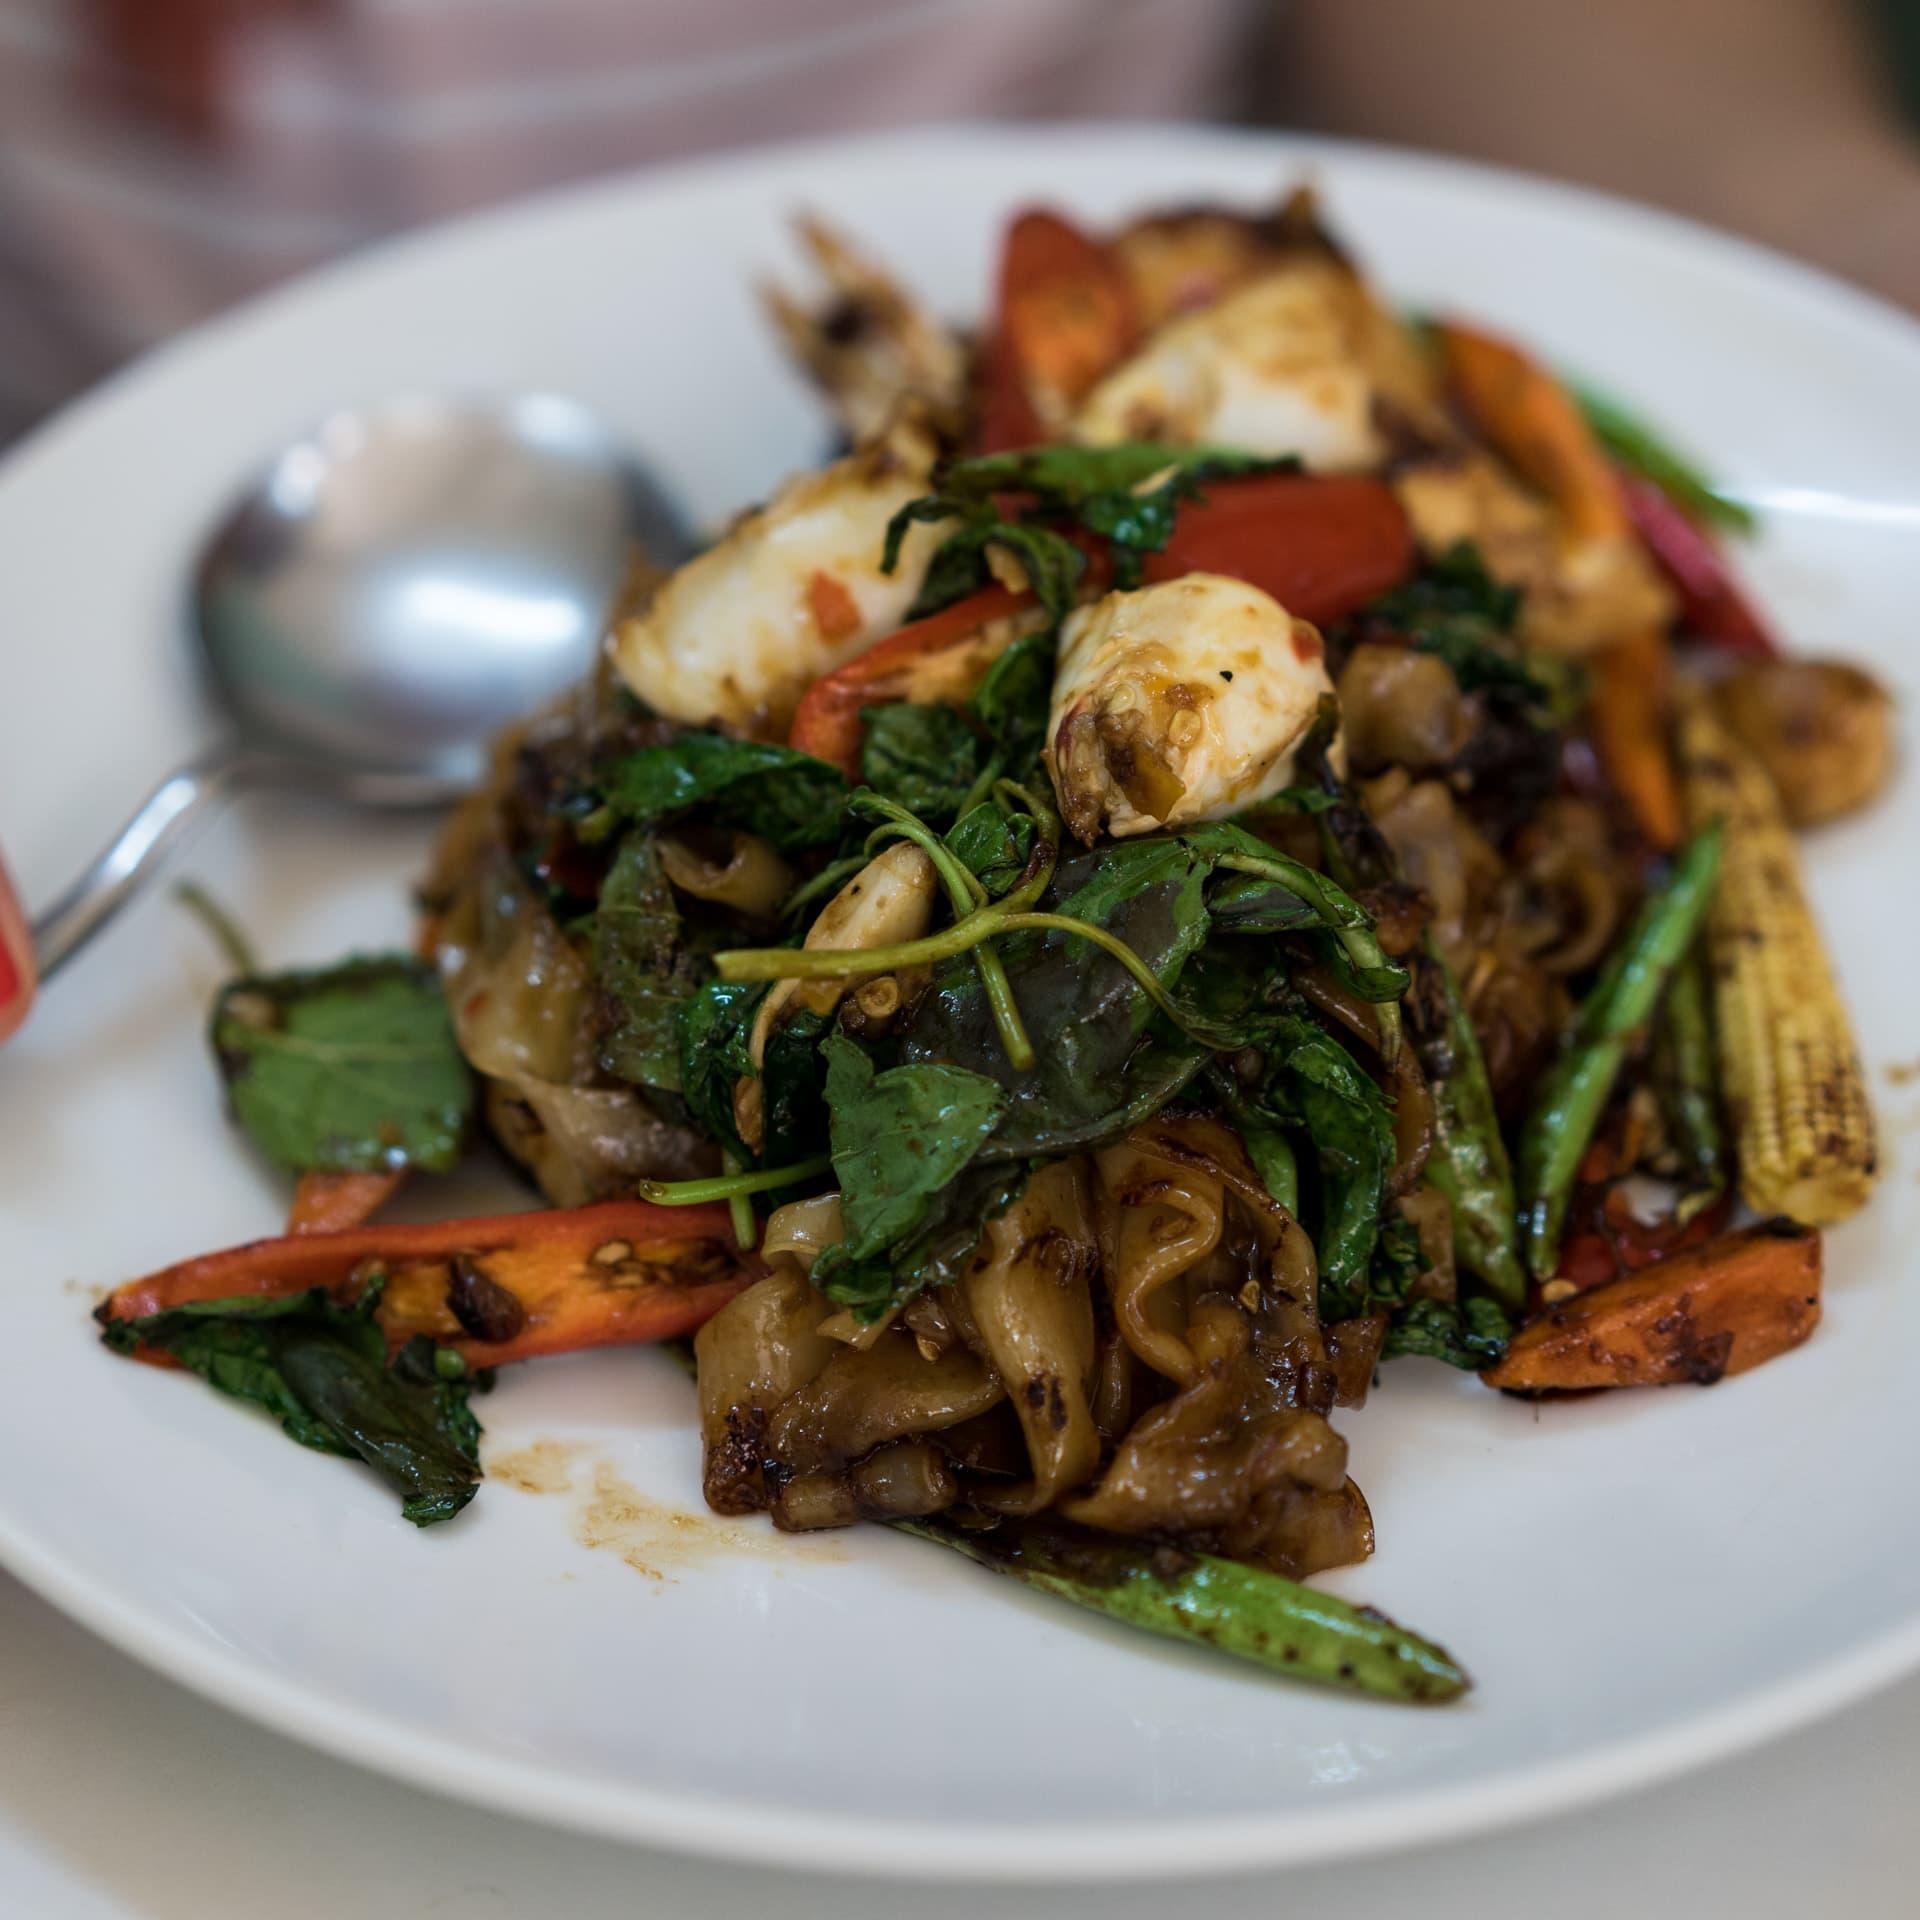 Drunken noodles – a signature by street food queen Jay Fai